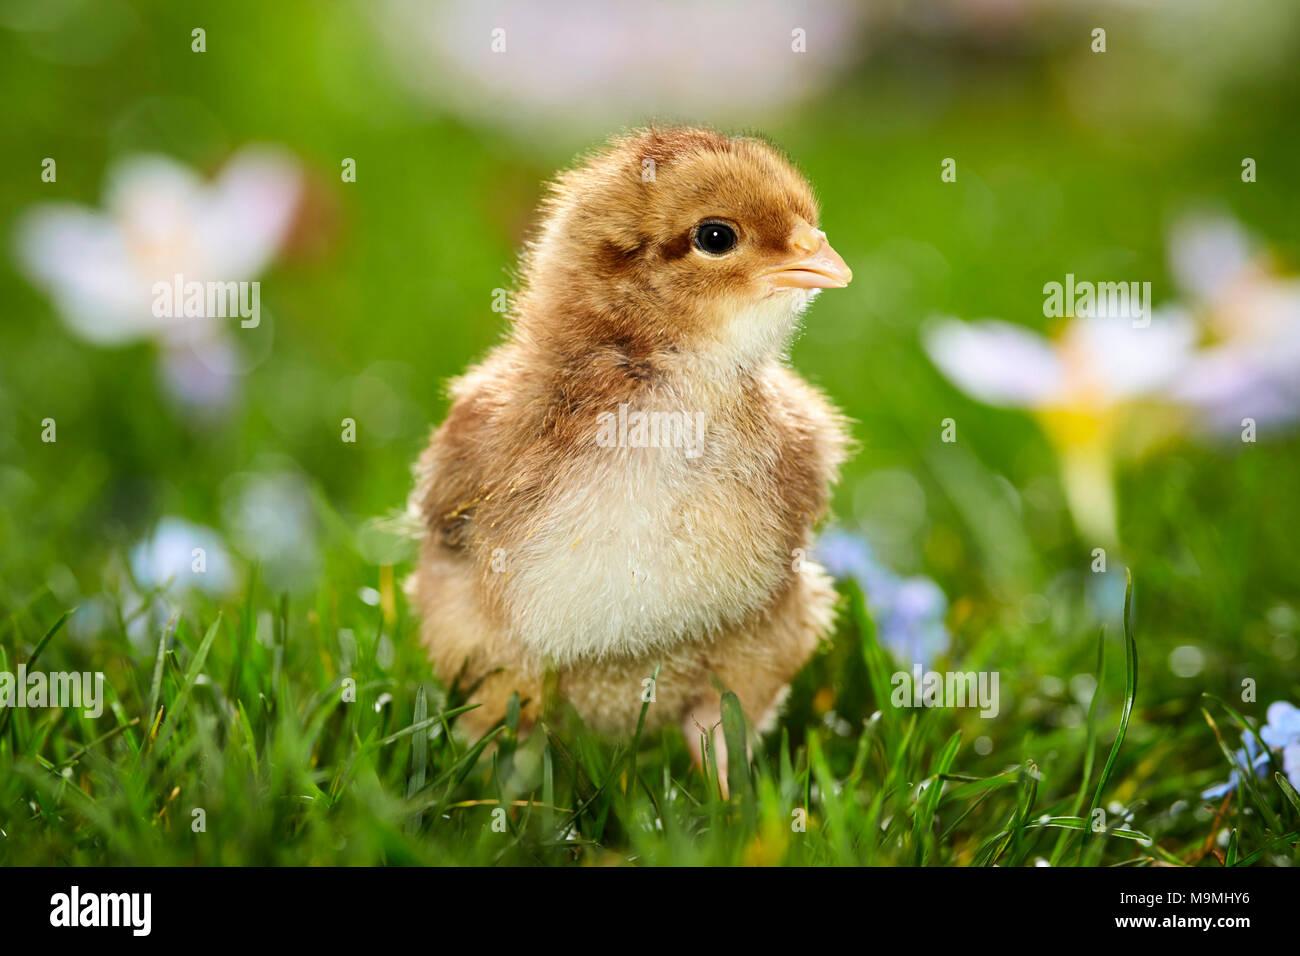 Welsummer pollo. Pollo in prato fiorito in primavera. Germania Immagini Stock